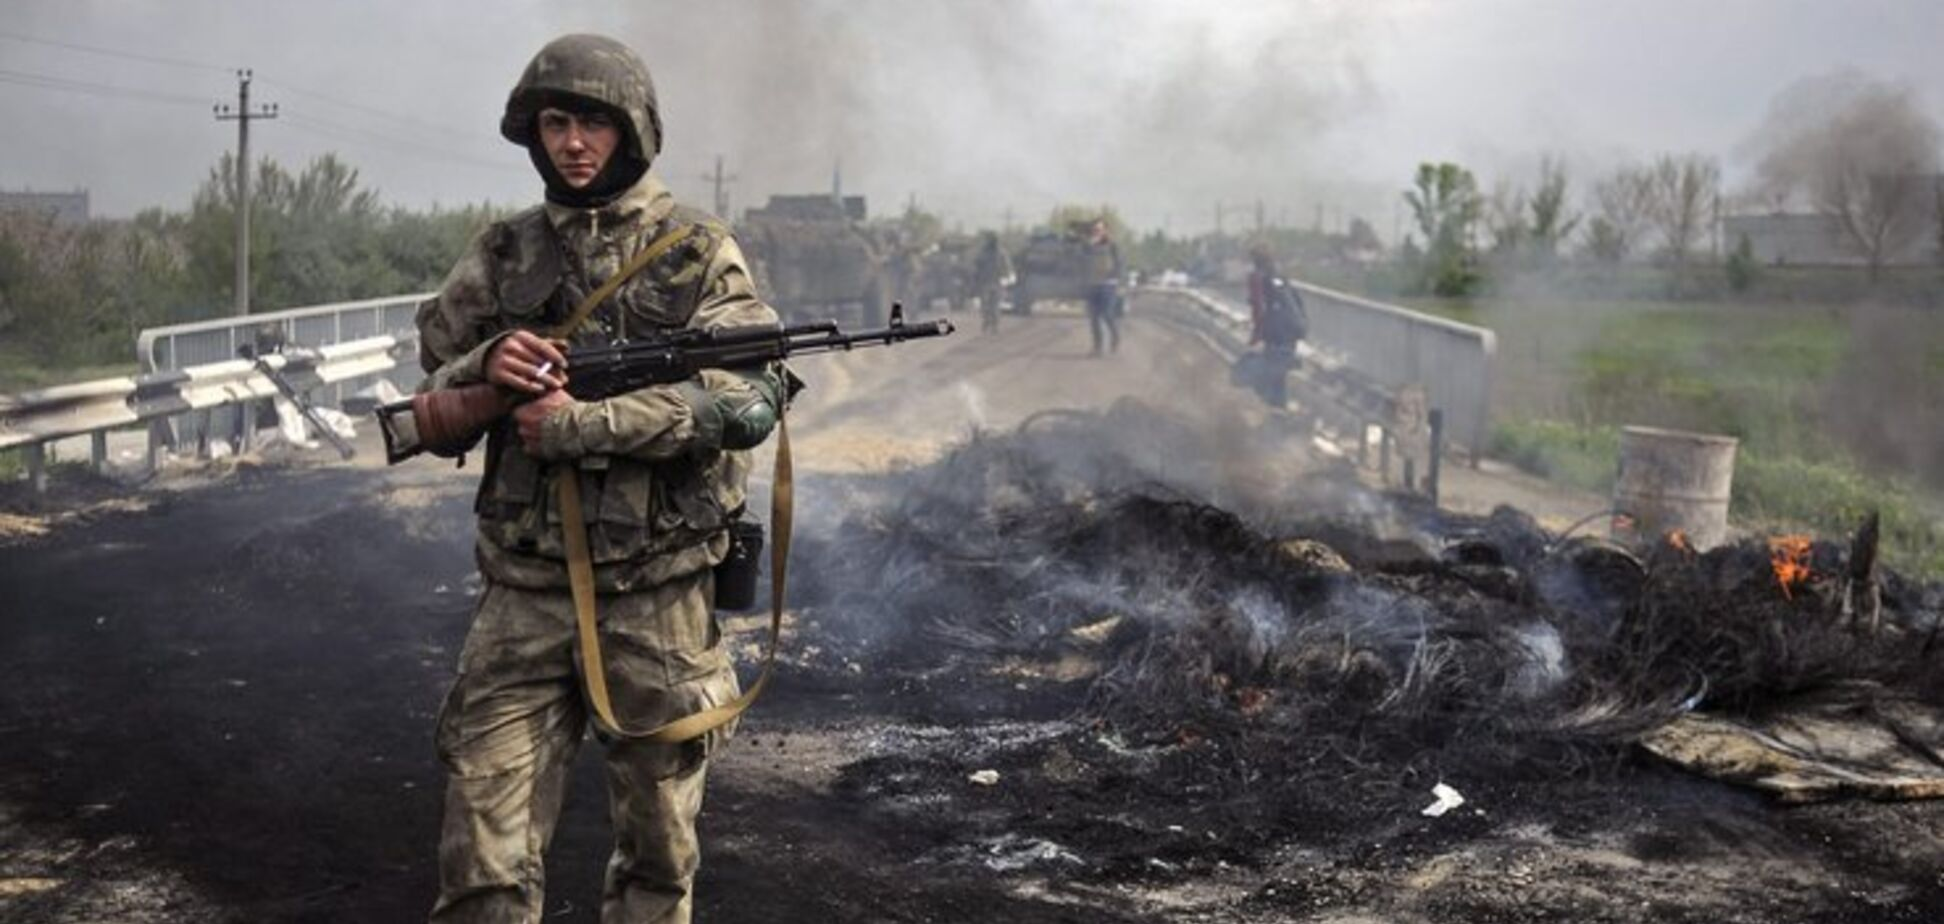 ВСУ и 'Л/ДНР' столкнулись на Донбассе: есть убитые и раненые